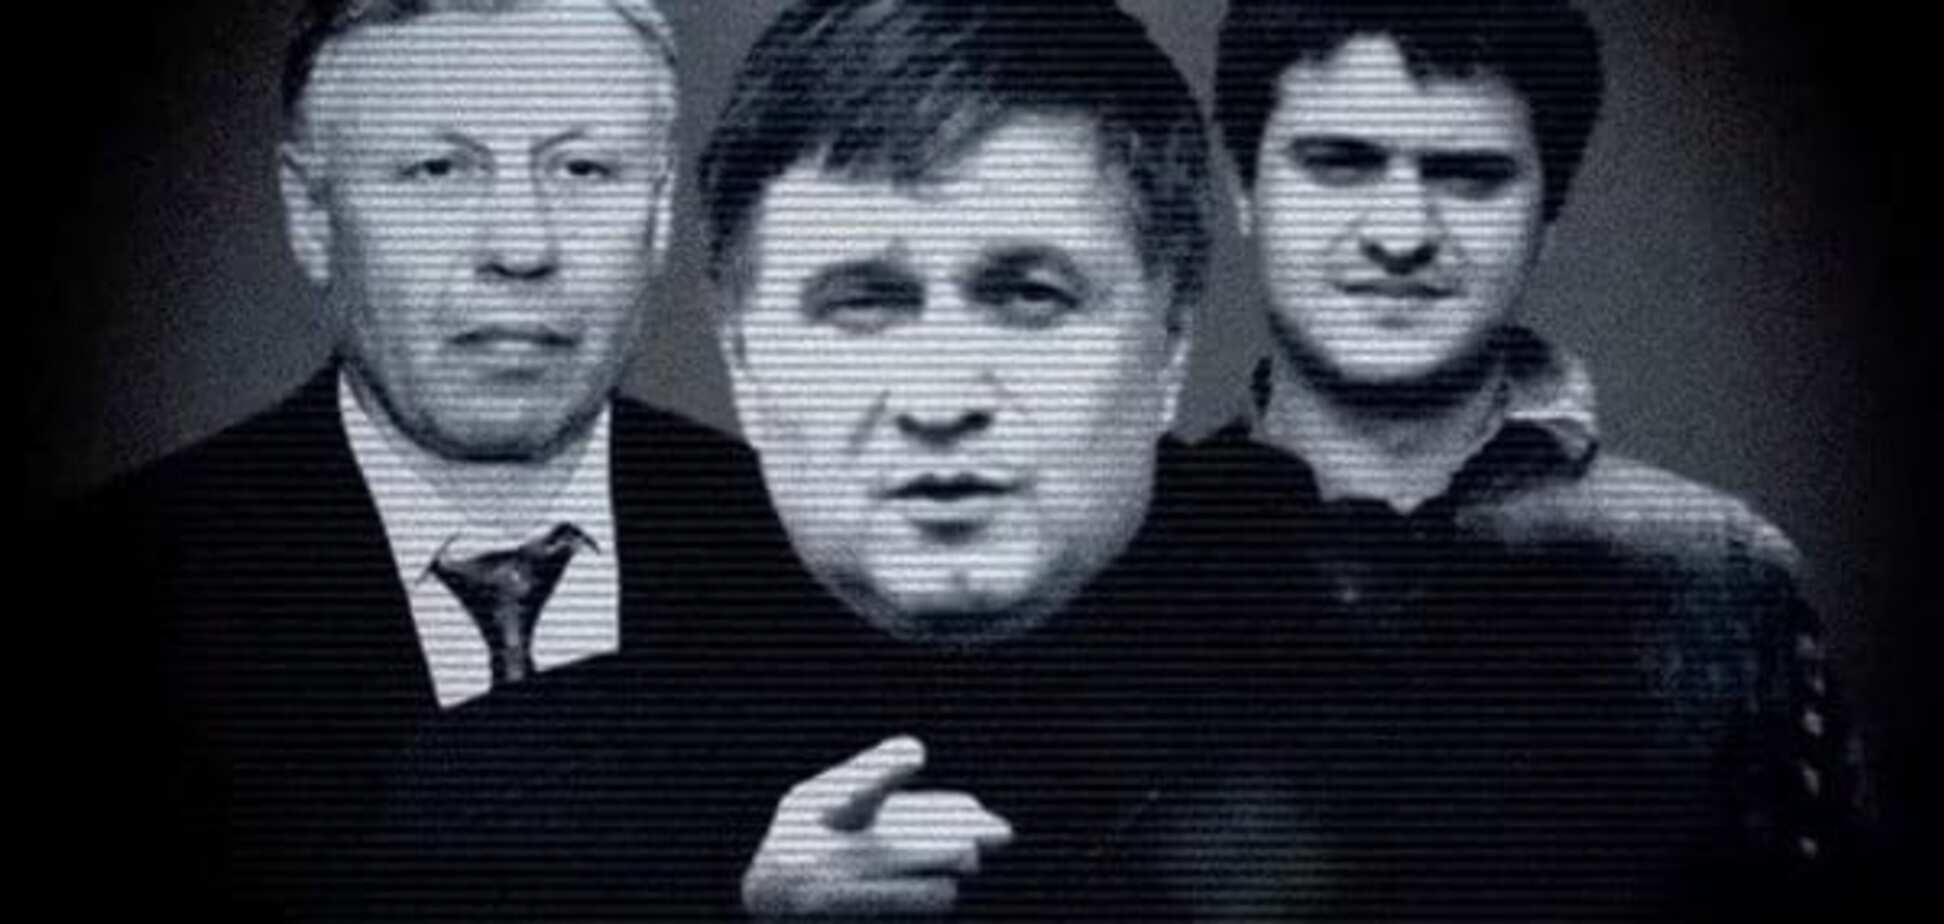 Тільки за рюкзаки Аваков має сидіти в тюрмі разом із сином - Саакашвілі